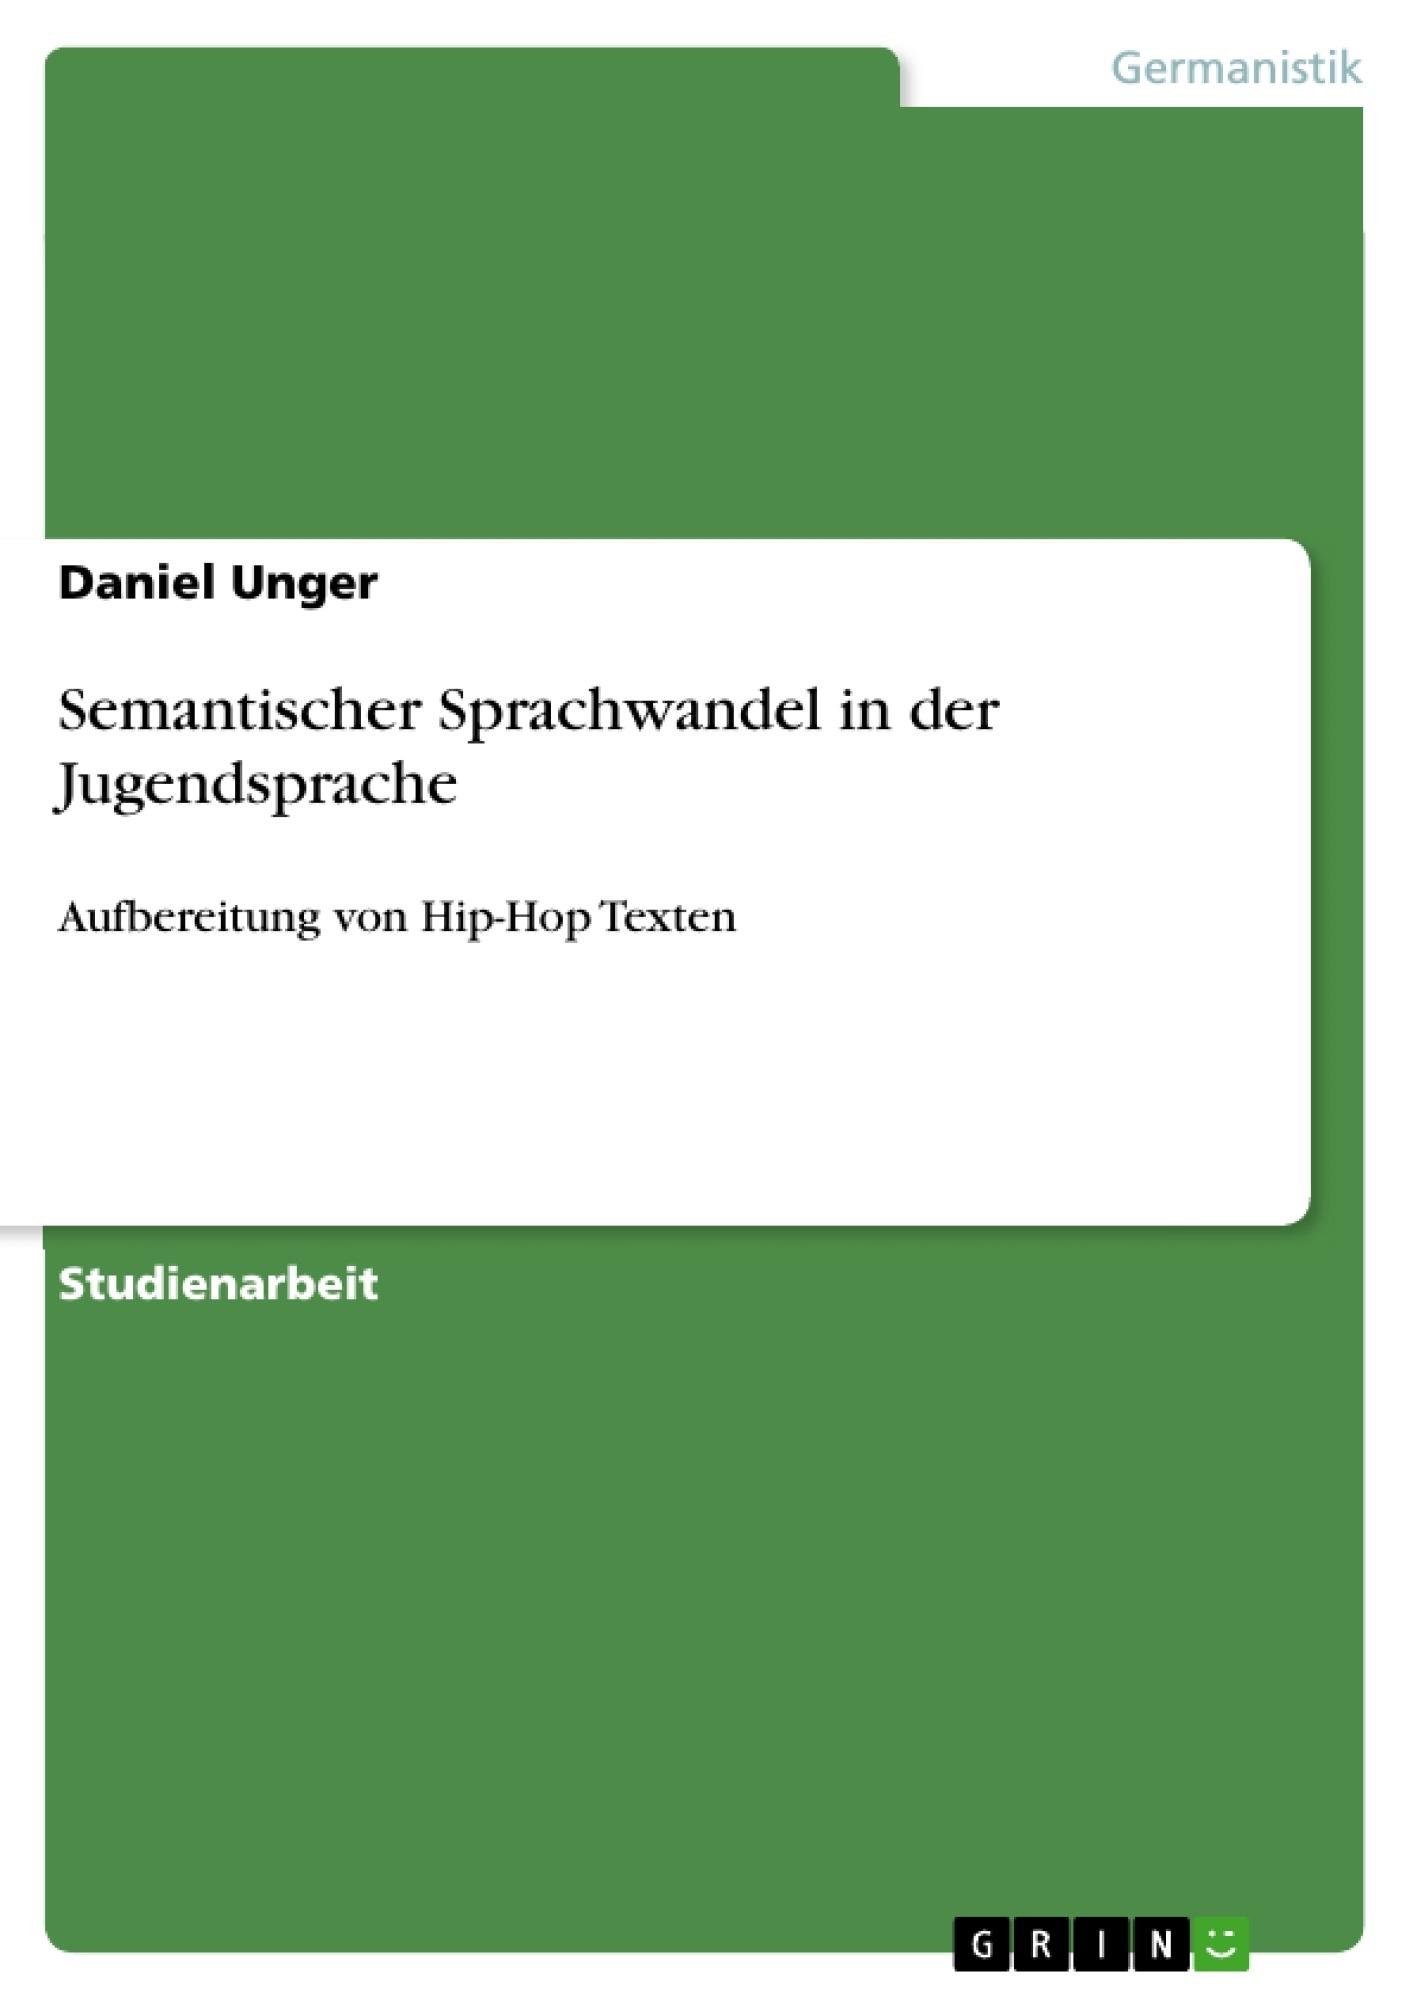 Titel: Semantischer Sprachwandel in der Jugendsprache